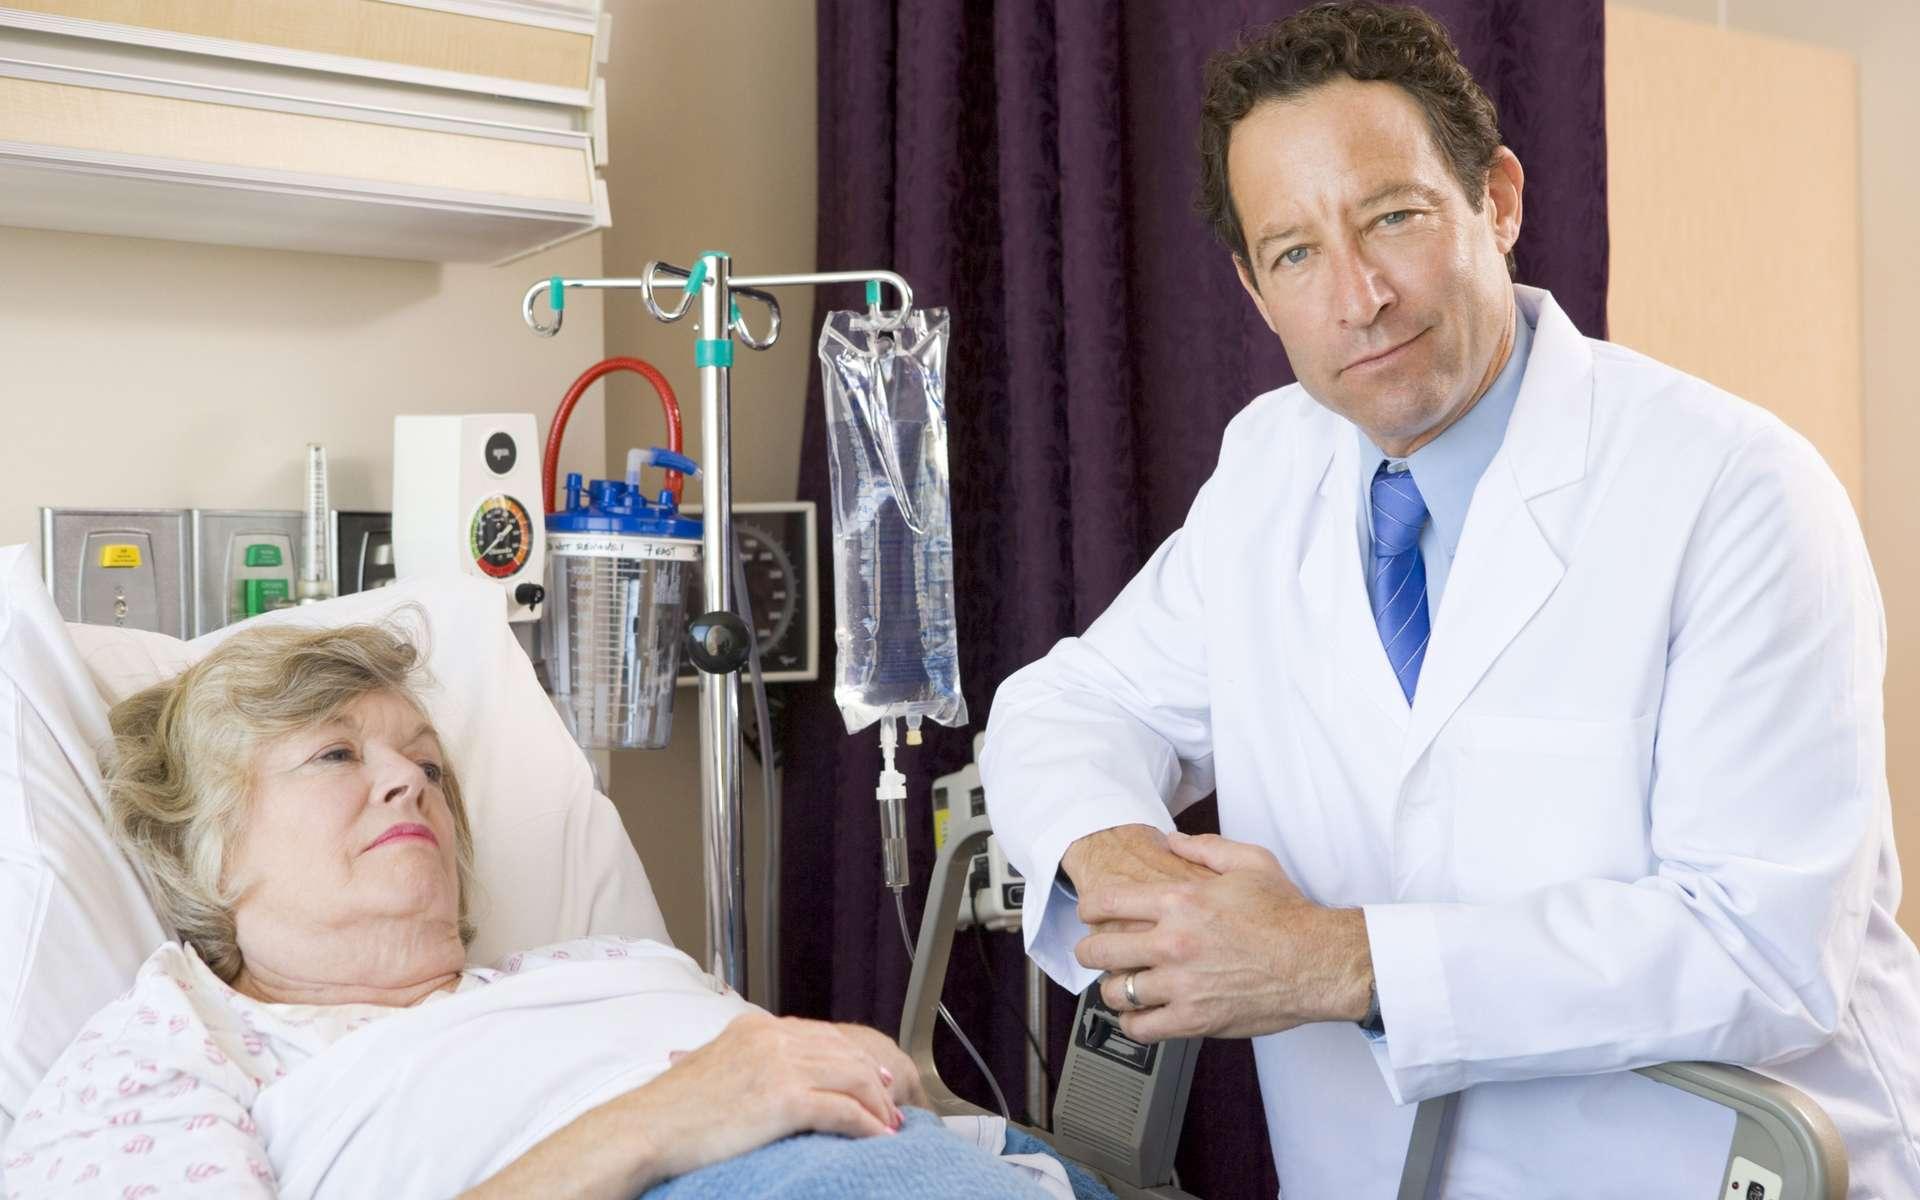 Les anti-VEGF visent à inhiber l'angiogenèse dans le traitement des cancers. © Phovoir